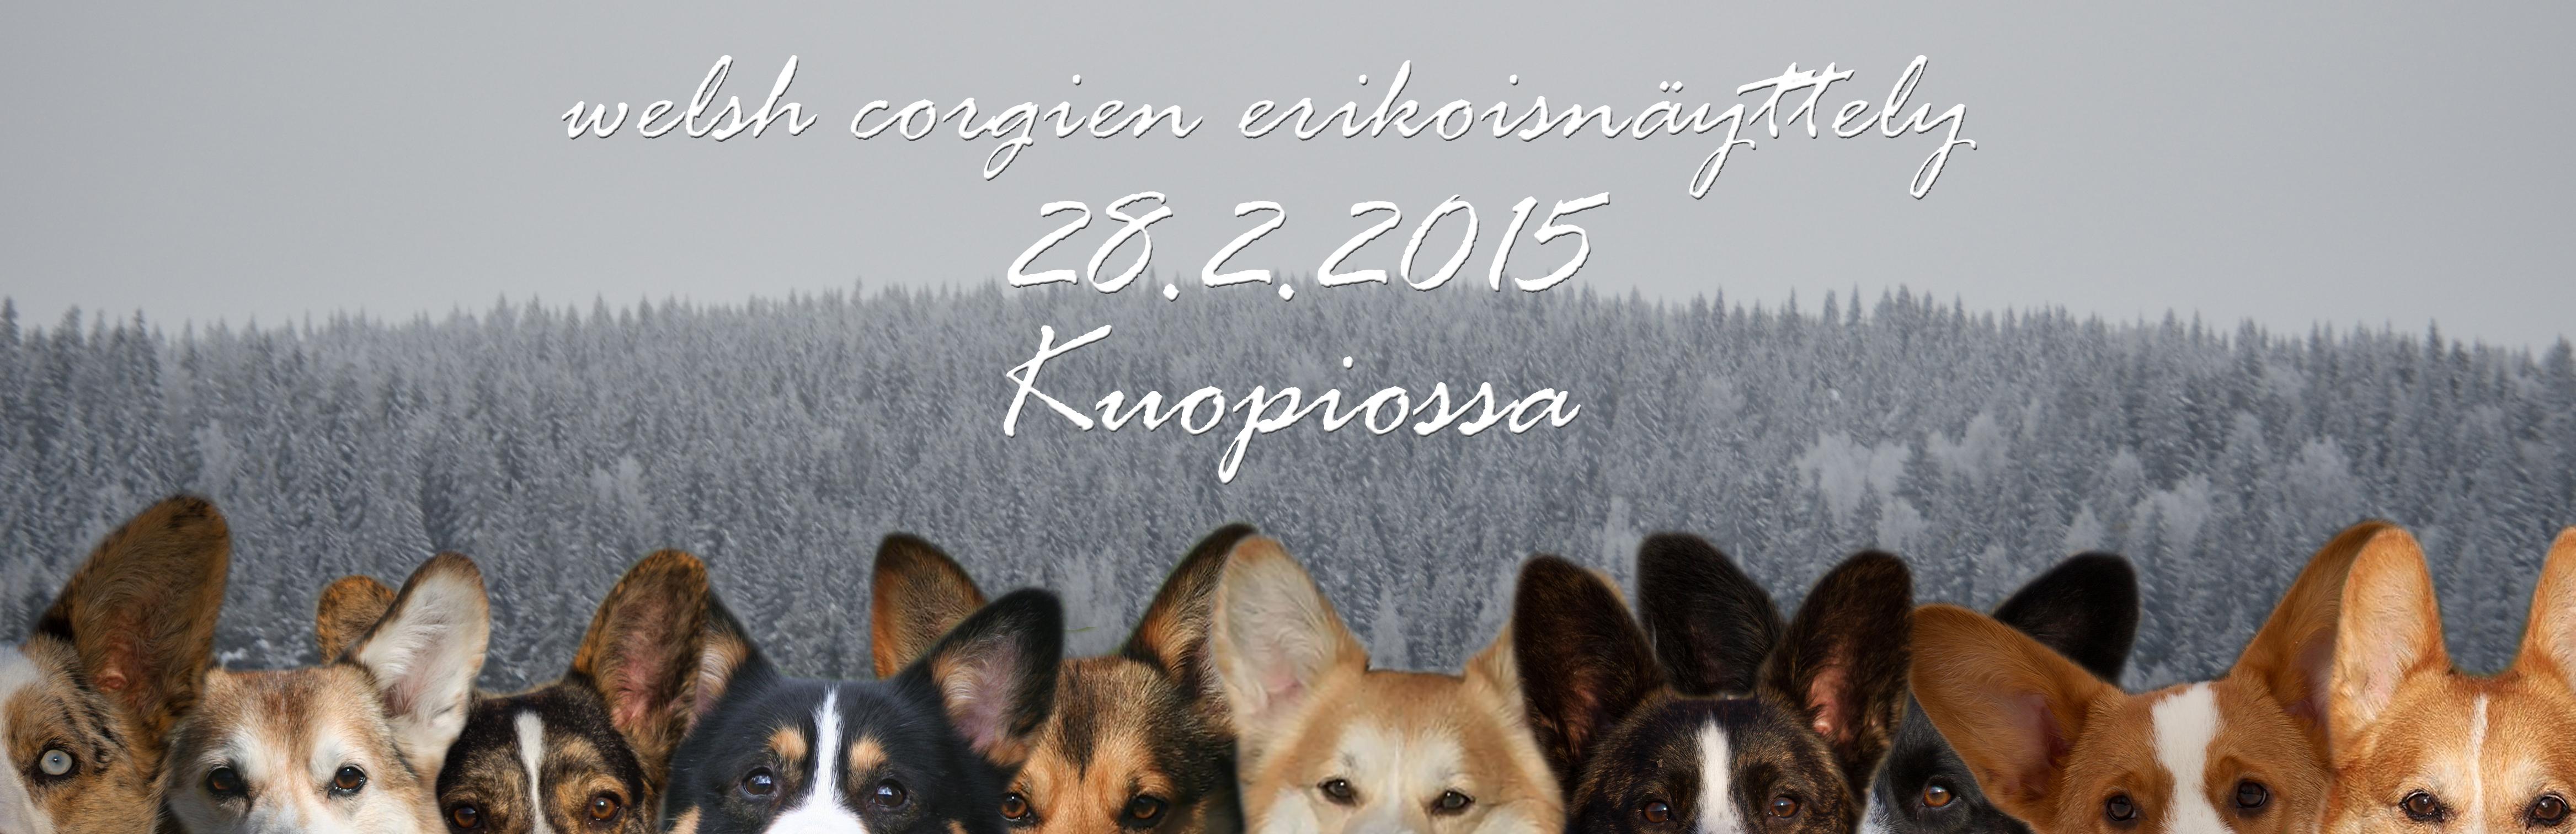 kuopio_erkkalogo_tekstilla